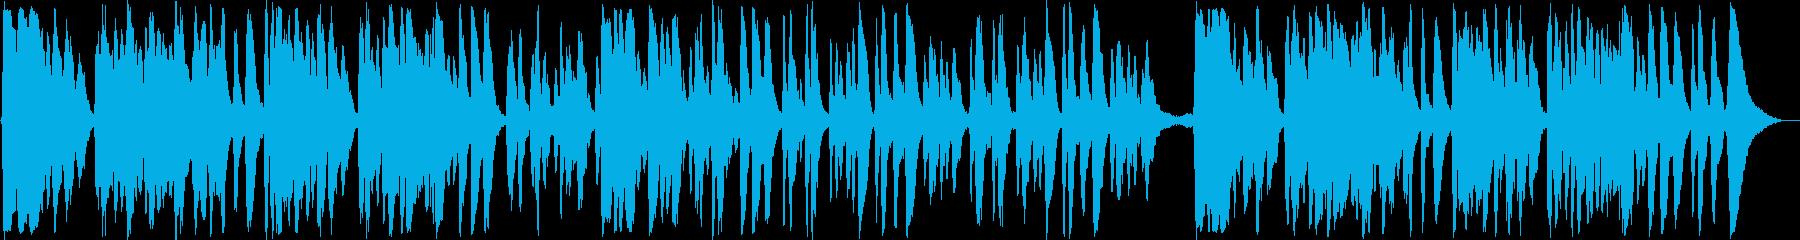 弦楽器の快適なイージーリスニング曲の再生済みの波形